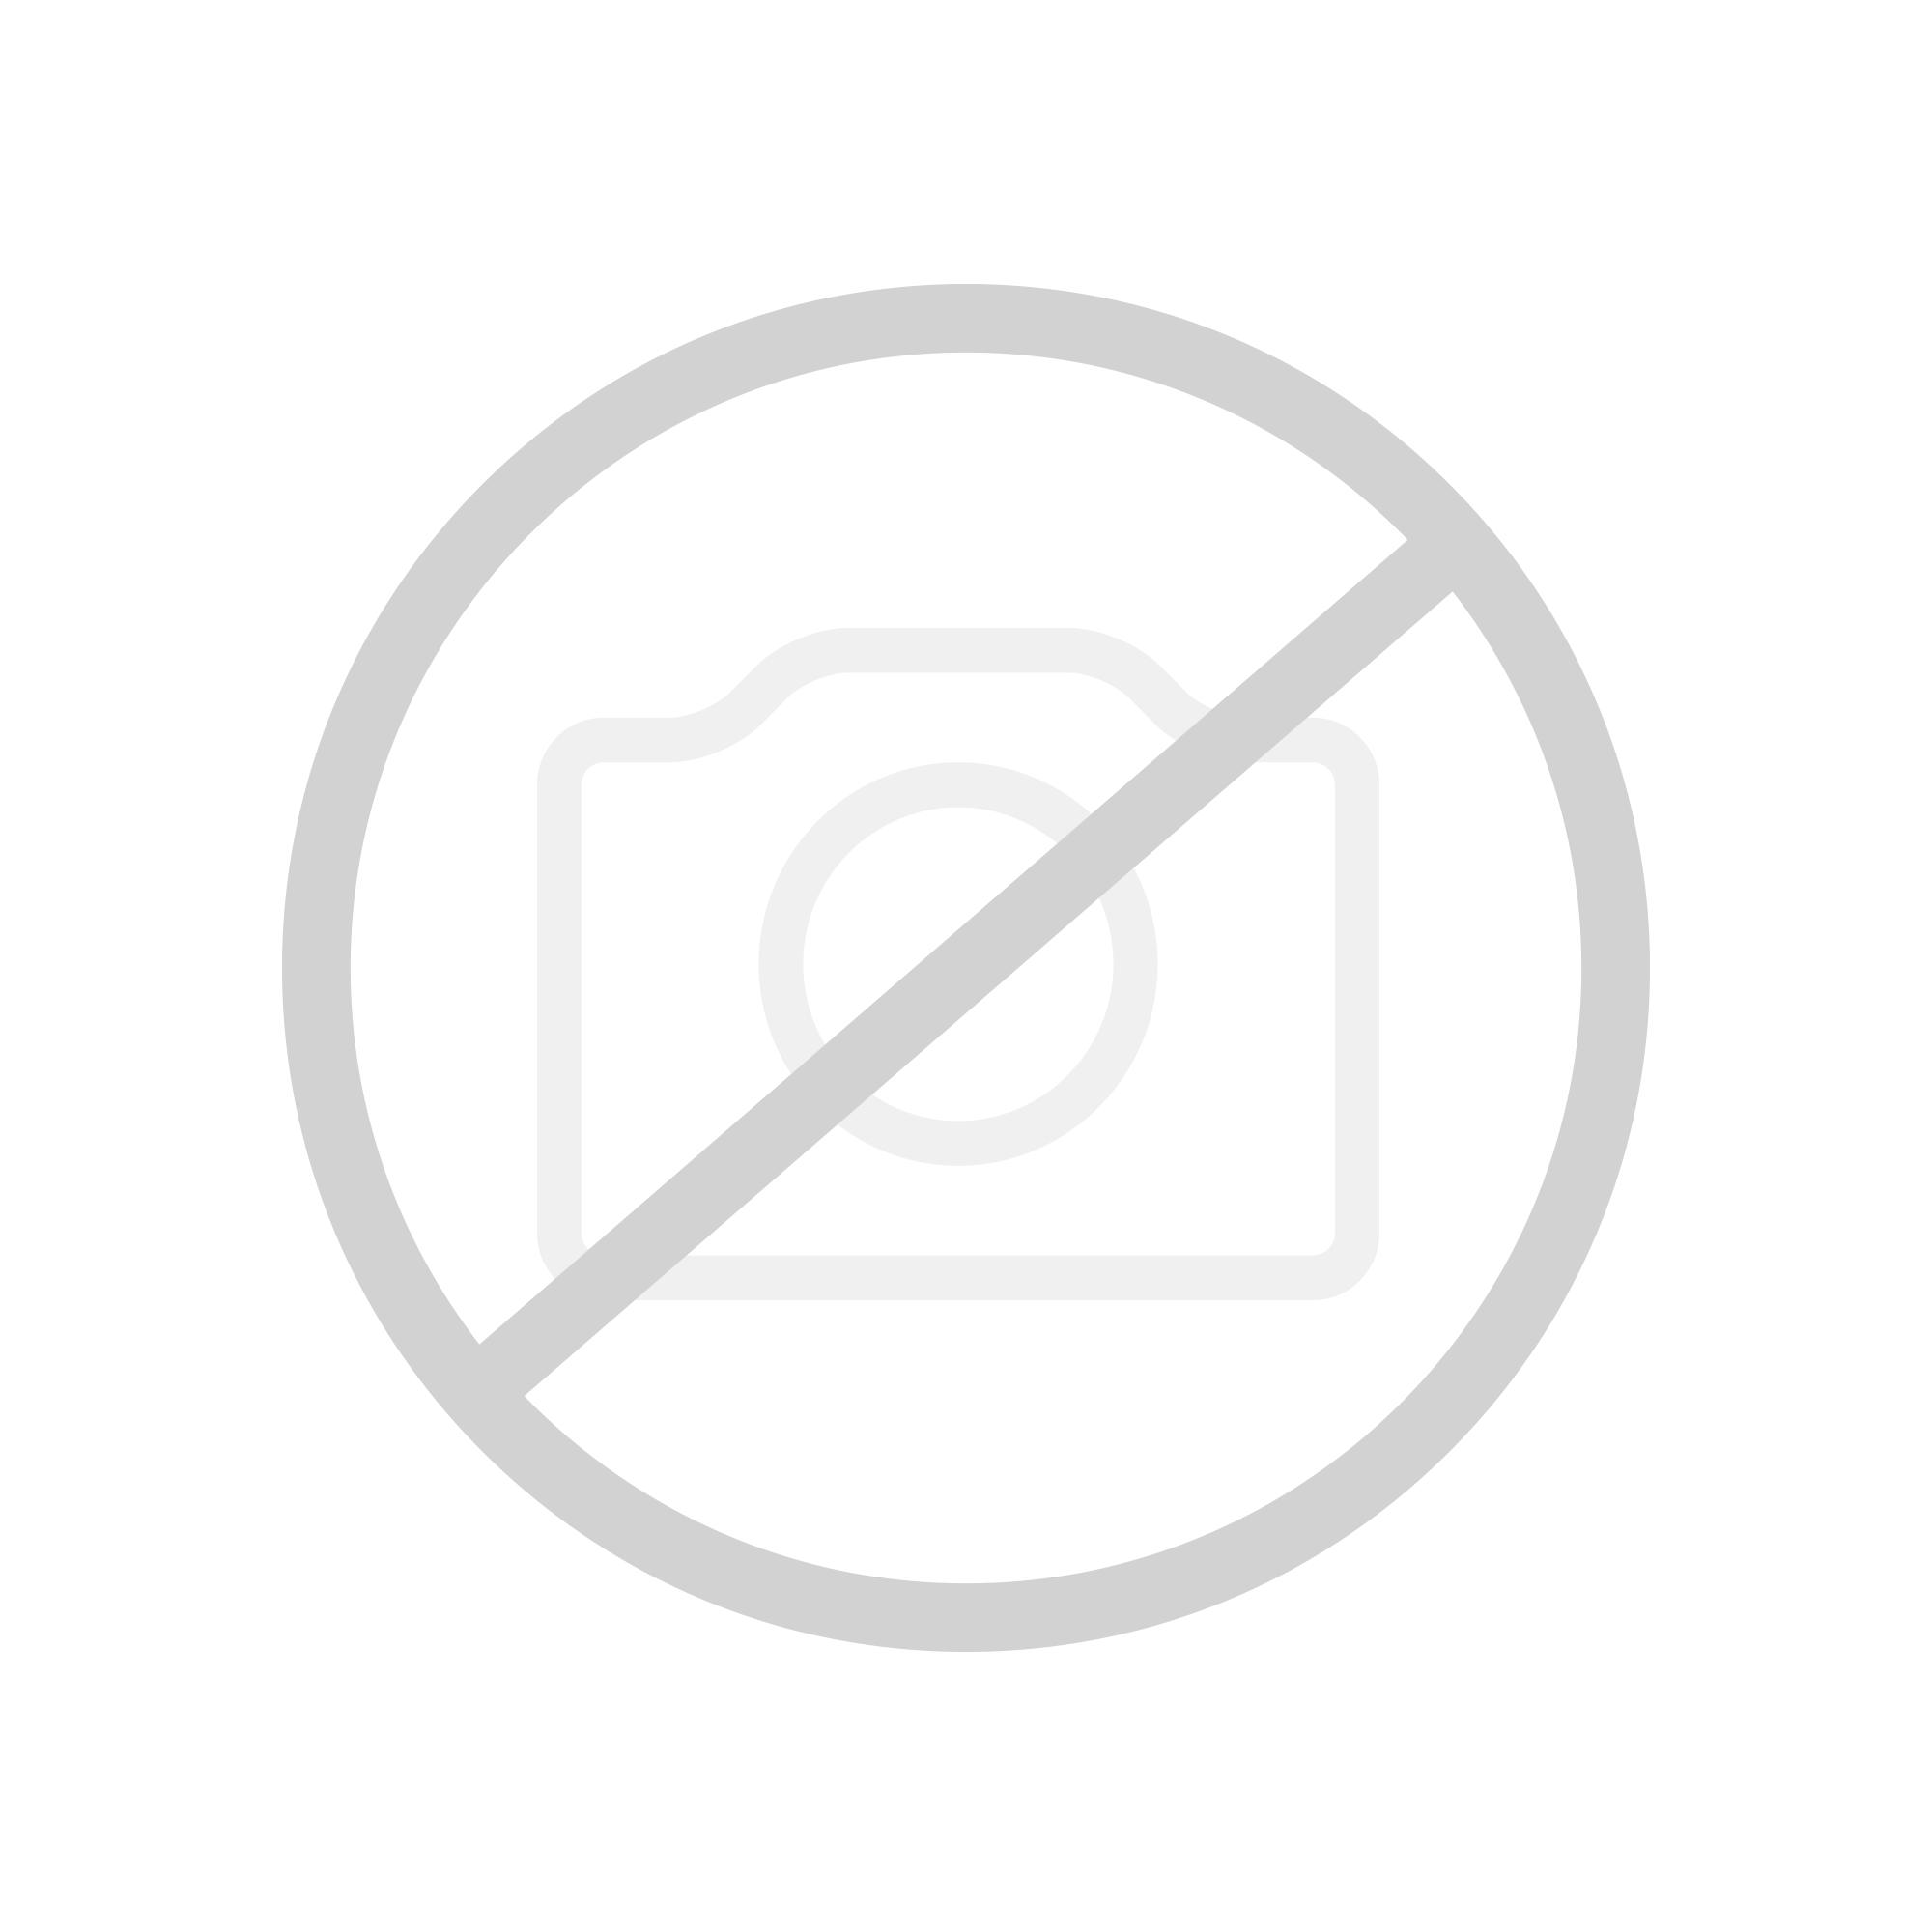 vasco agave hrm badheizk rper reuter onlineshop. Black Bedroom Furniture Sets. Home Design Ideas